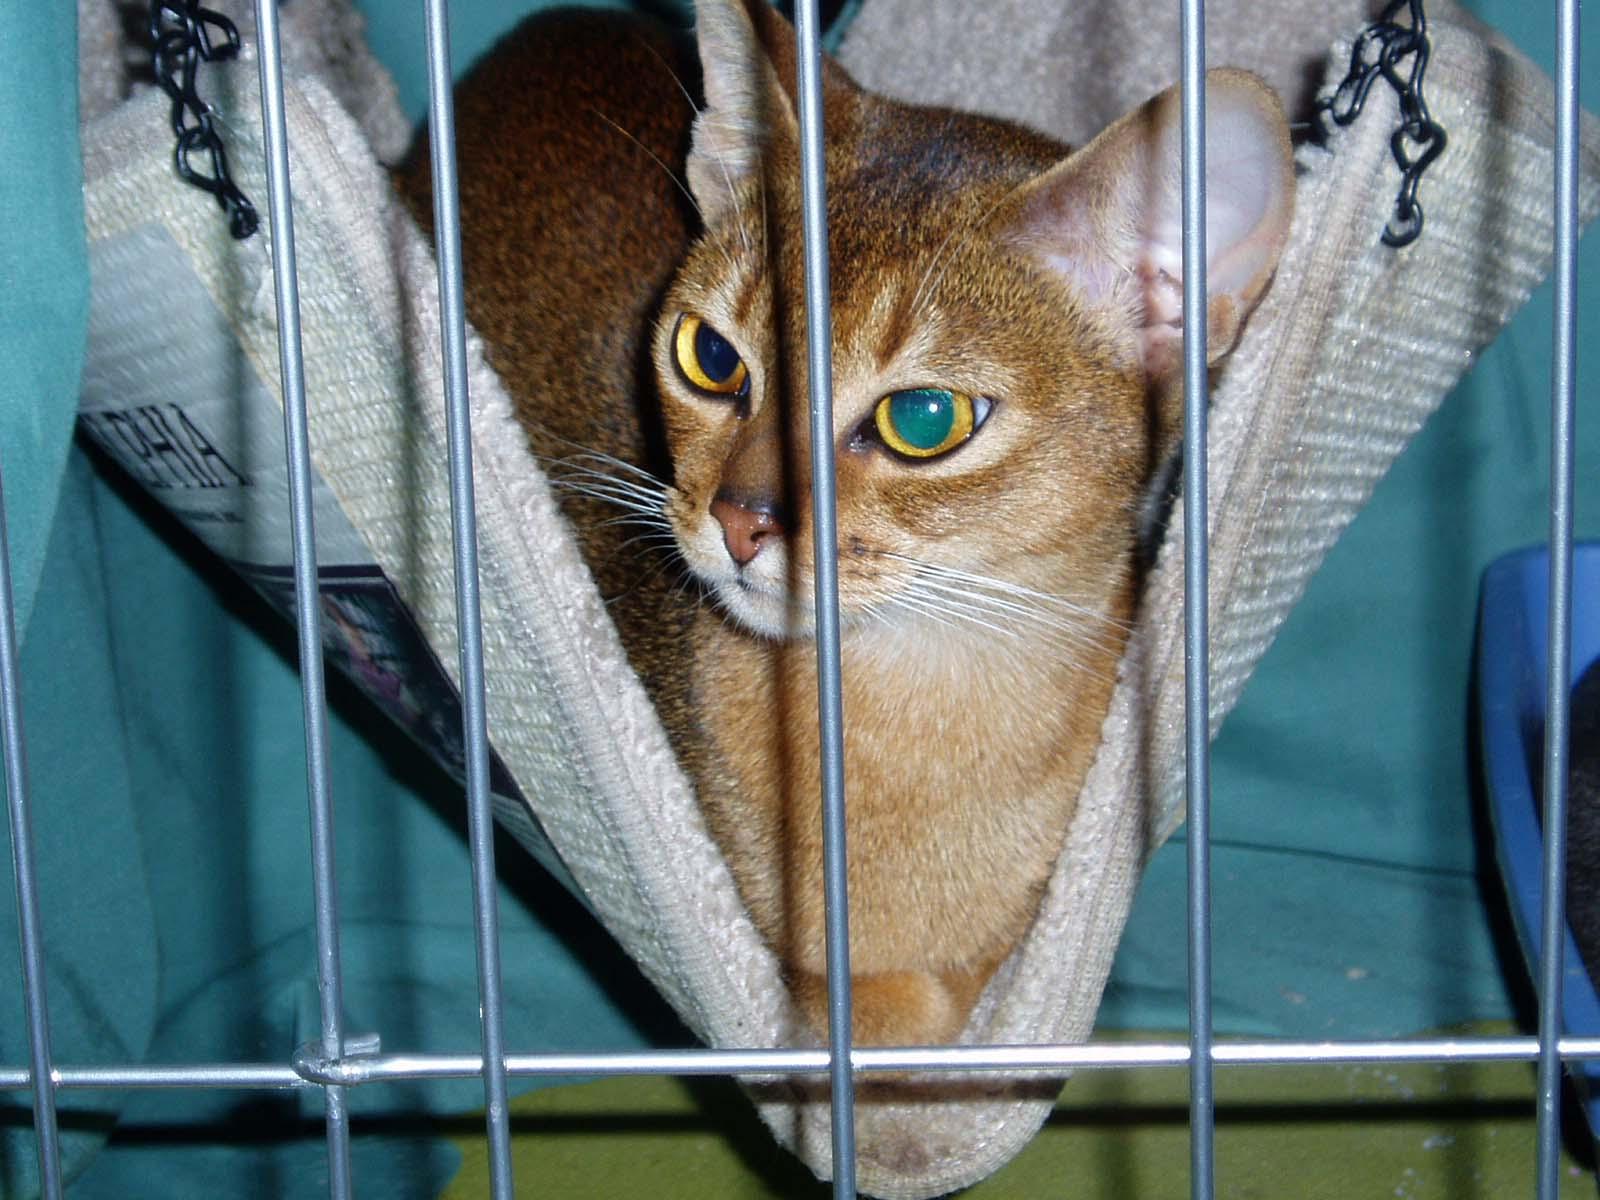 http://2.bp.blogspot.com/-KnN5Meb3ouY/Tx74s8sLkRI/AAAAAAAAFPQ/Wn7PcdKxv-w/s1600/Abyssinian+Cat+Breed++%252838%2529.jpg